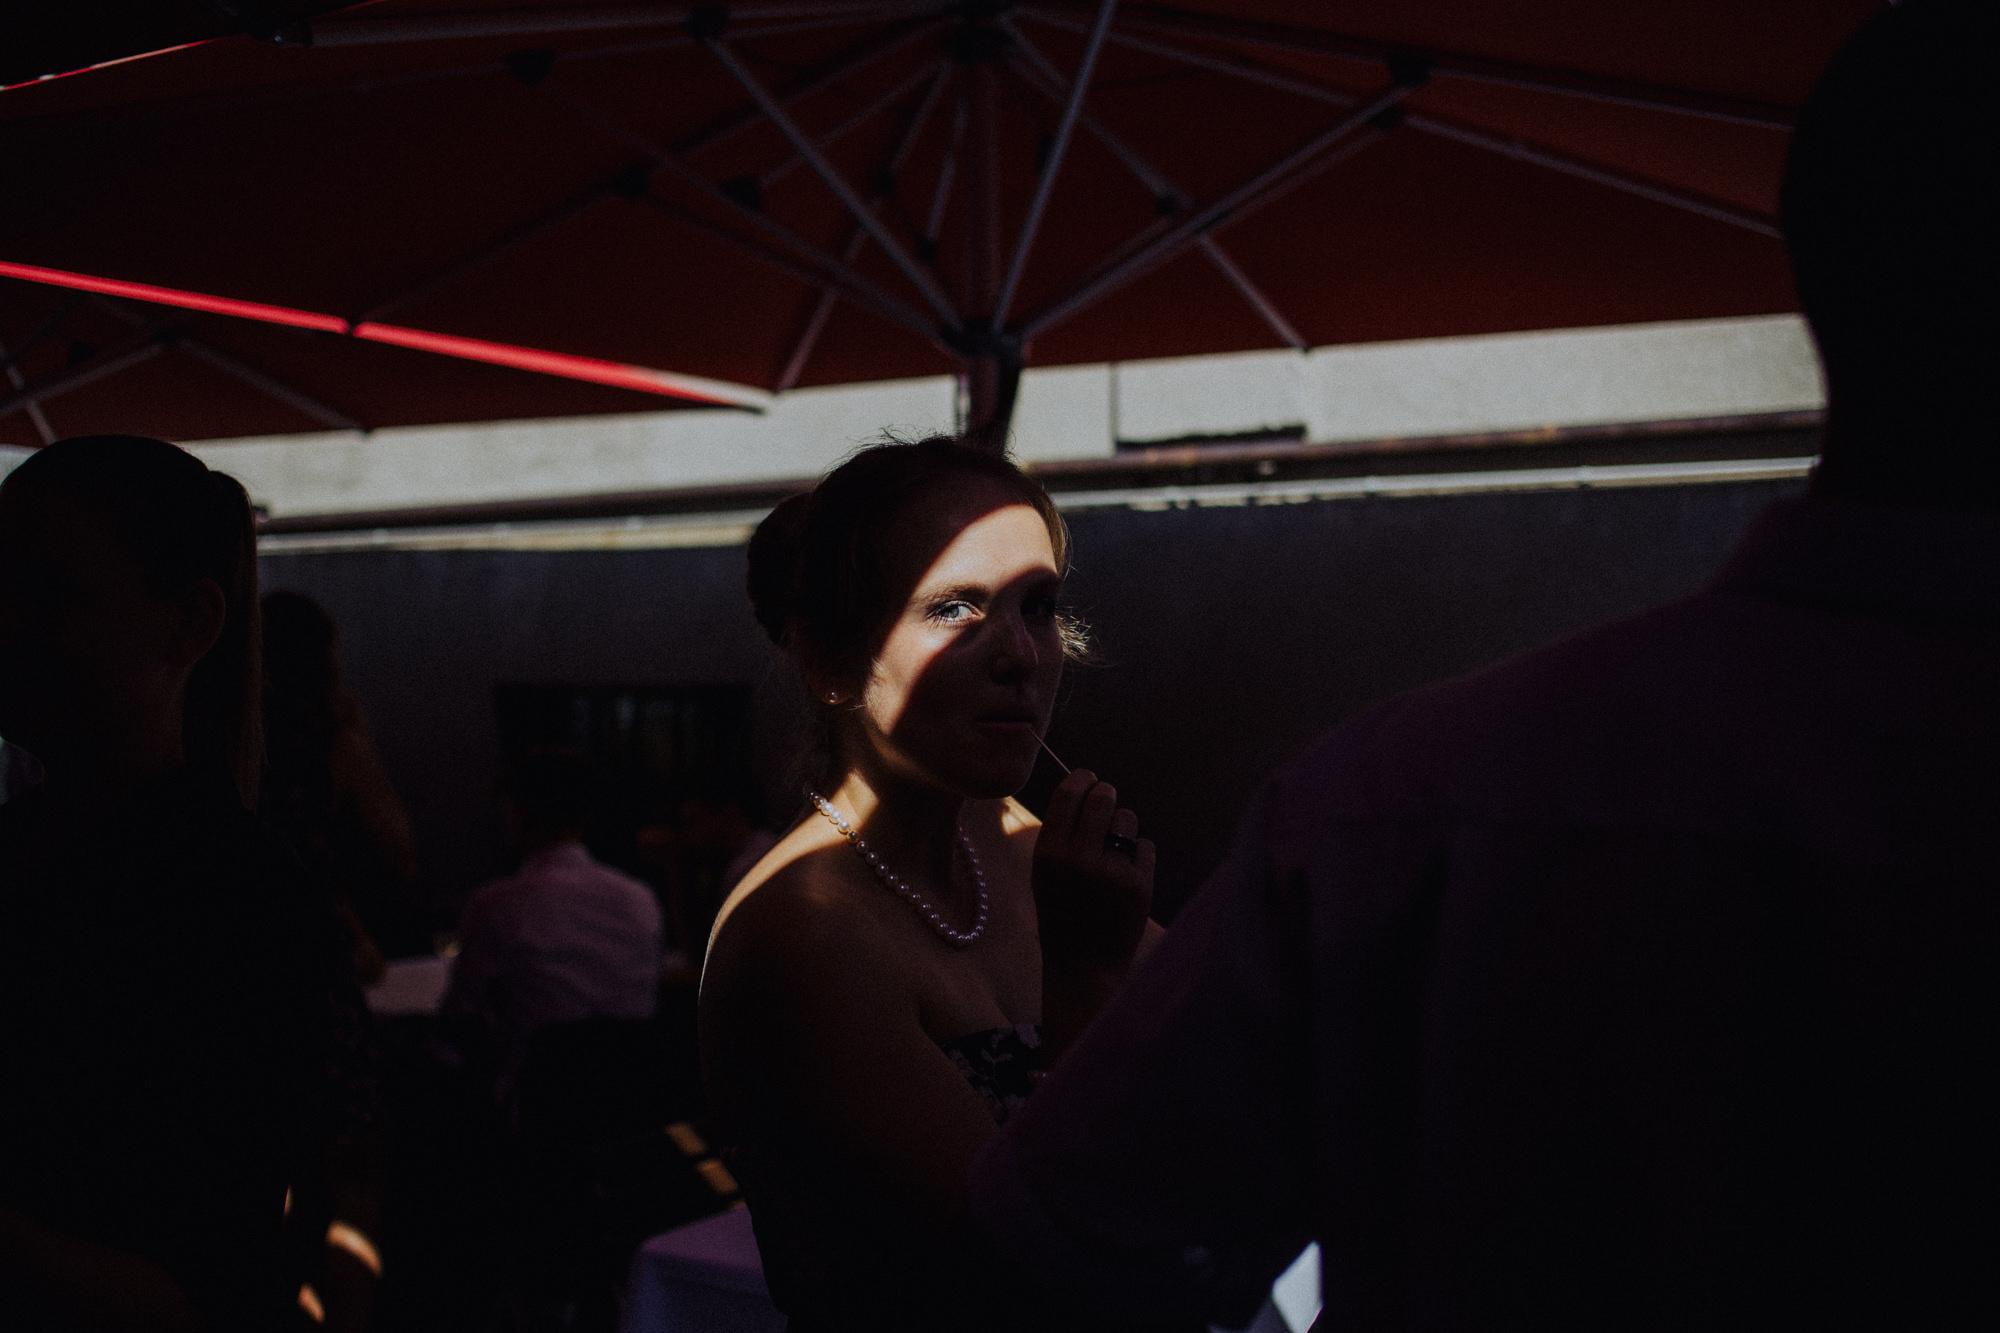 Joni&Aurelia_Wedding_DieGiesserei_Zurich_ManonPauffinPhotography__MG_2499_LOres